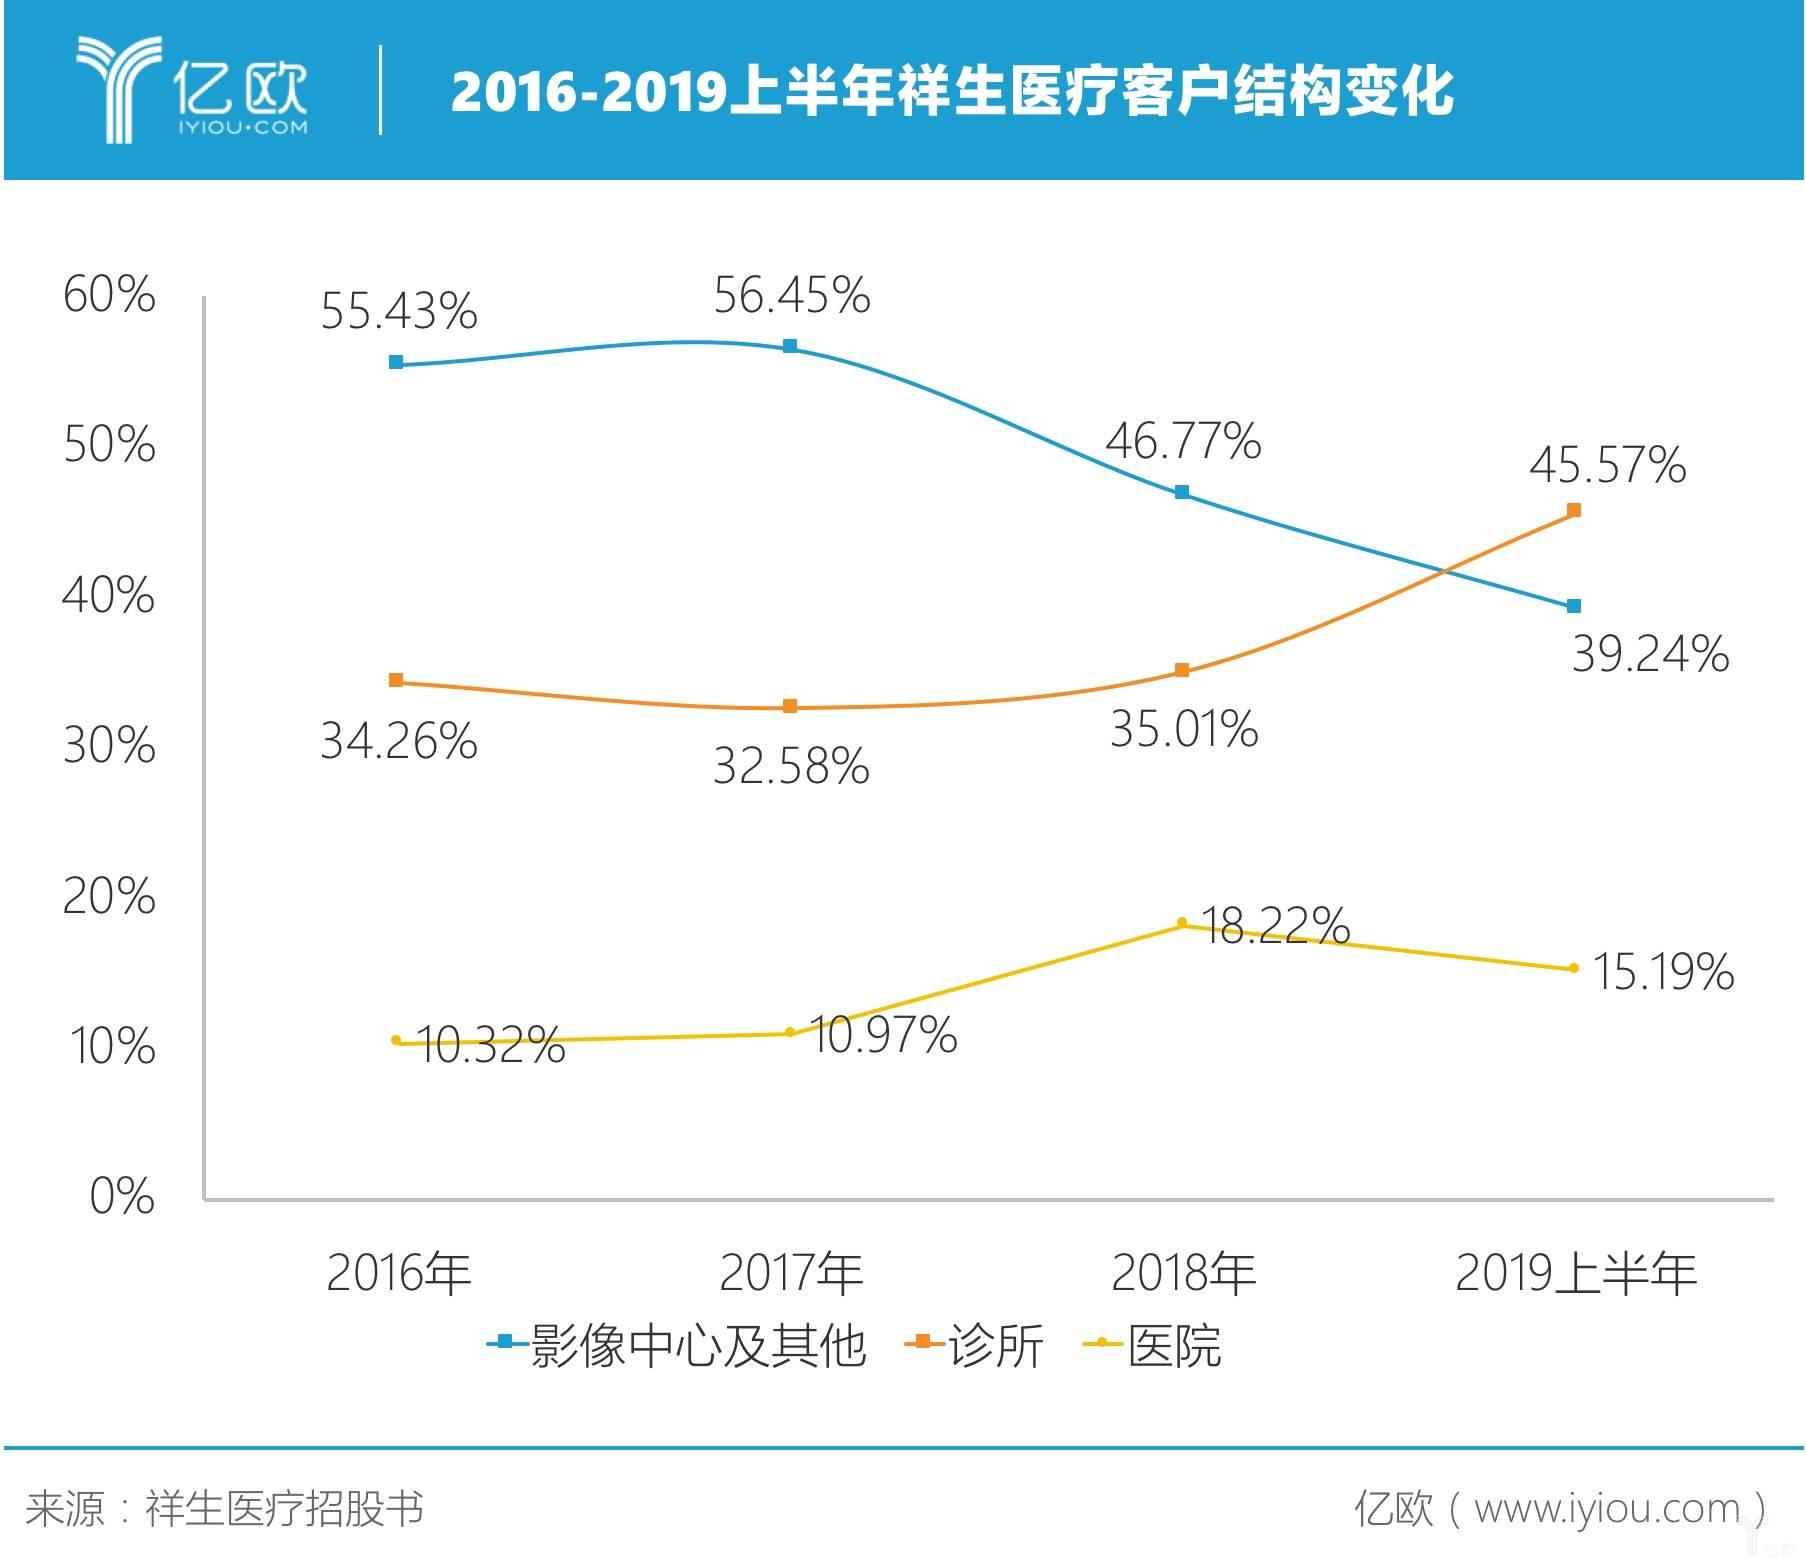 2016-2019上半年祥生医疗客户结构变化